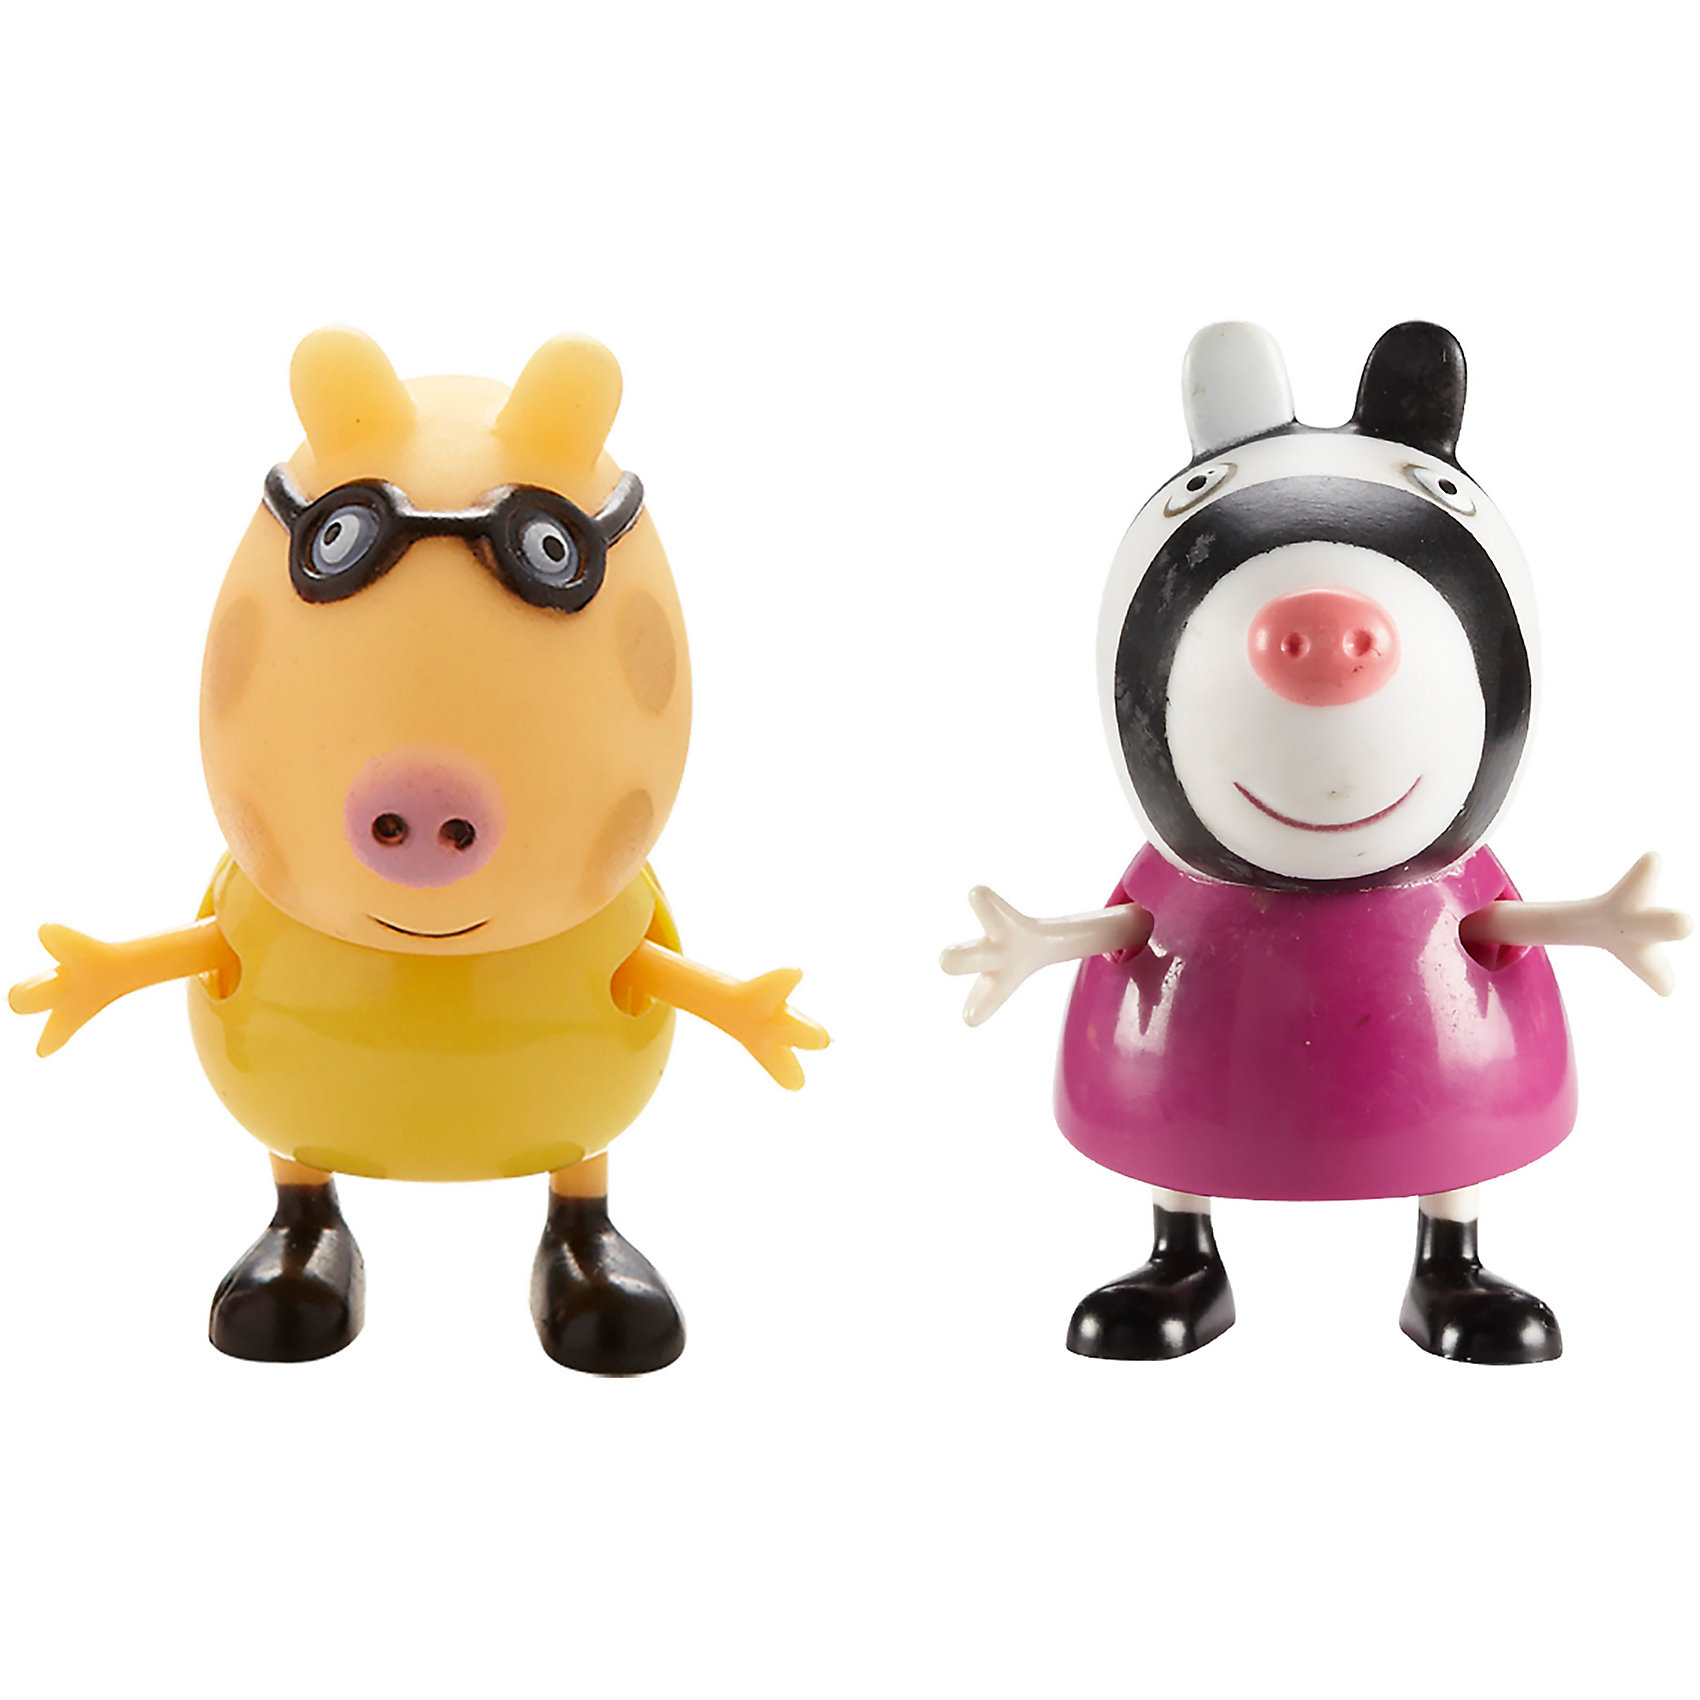 Игровой набор Педро и Зои, Peppa PigИгровой набор Педро и Зои, Peppa Pig (Свинка Пеппа). <br><br>Характеристика:<br><br>• Материал: пластик.  <br>• Размер упаковки: 9х16х5 см. <br>• Высота фигурок: 5,5 см.  <br>• Голова, руки, ноги фигурок подвижные. <br>• 2 фигурки в комплекте. <br><br>Этот набор обязательно порадует всех любителей мультсериала Peppa Pig. Яркие фигурки Пони Педро и Зебры Зои выполнены из экологичного пластика, прекрасно детализированы и реалистично раскрашены - очень похожи на героев мультфильма. Собери все фигурки и придумай свои увлекательные и забавные истории с любимыми персонажами!<br><br>Игровой набор Педро и Зои, Peppa Pig (Свинка Пеппа), можно купить в нашем интернет-магазине.<br><br>Ширина мм: 90<br>Глубина мм: 160<br>Высота мм: 50<br>Вес г: 60<br>Возраст от месяцев: 36<br>Возраст до месяцев: 2147483647<br>Пол: Унисекс<br>Возраст: Детский<br>SKU: 5211676